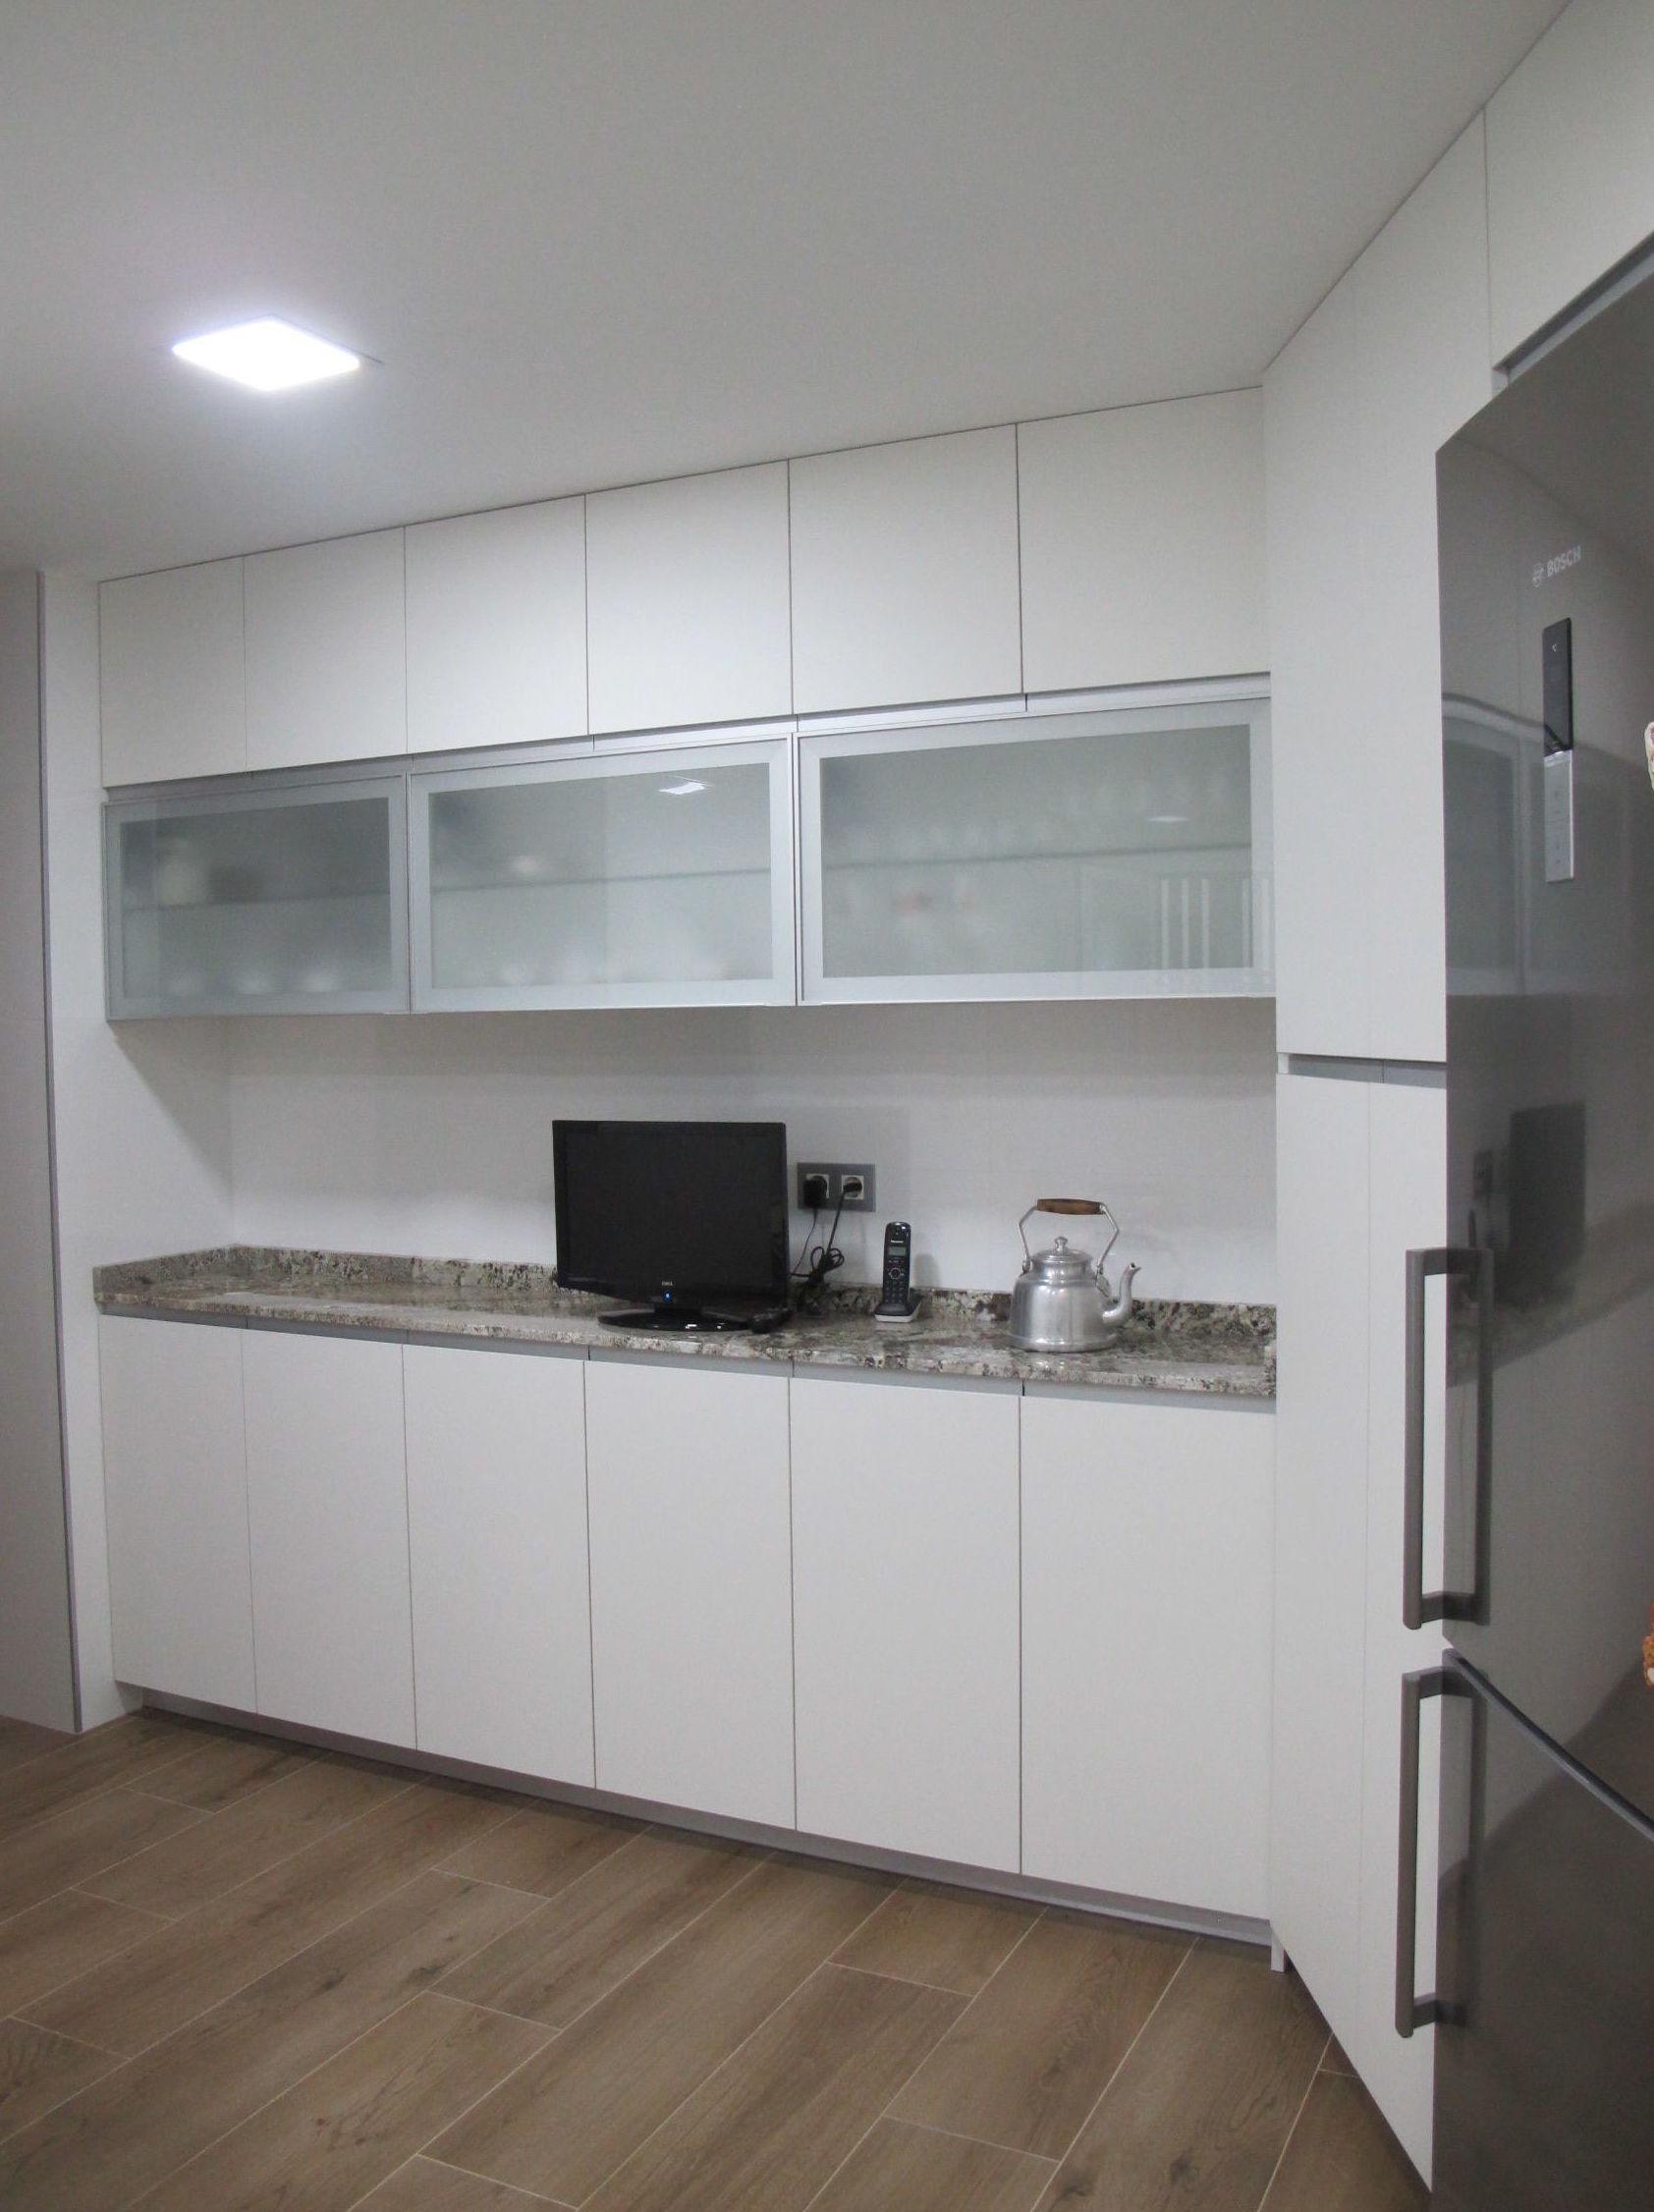 cocina con perfil de aluminio integrado, encimera granito de Naturamia y vitrinas aluminio